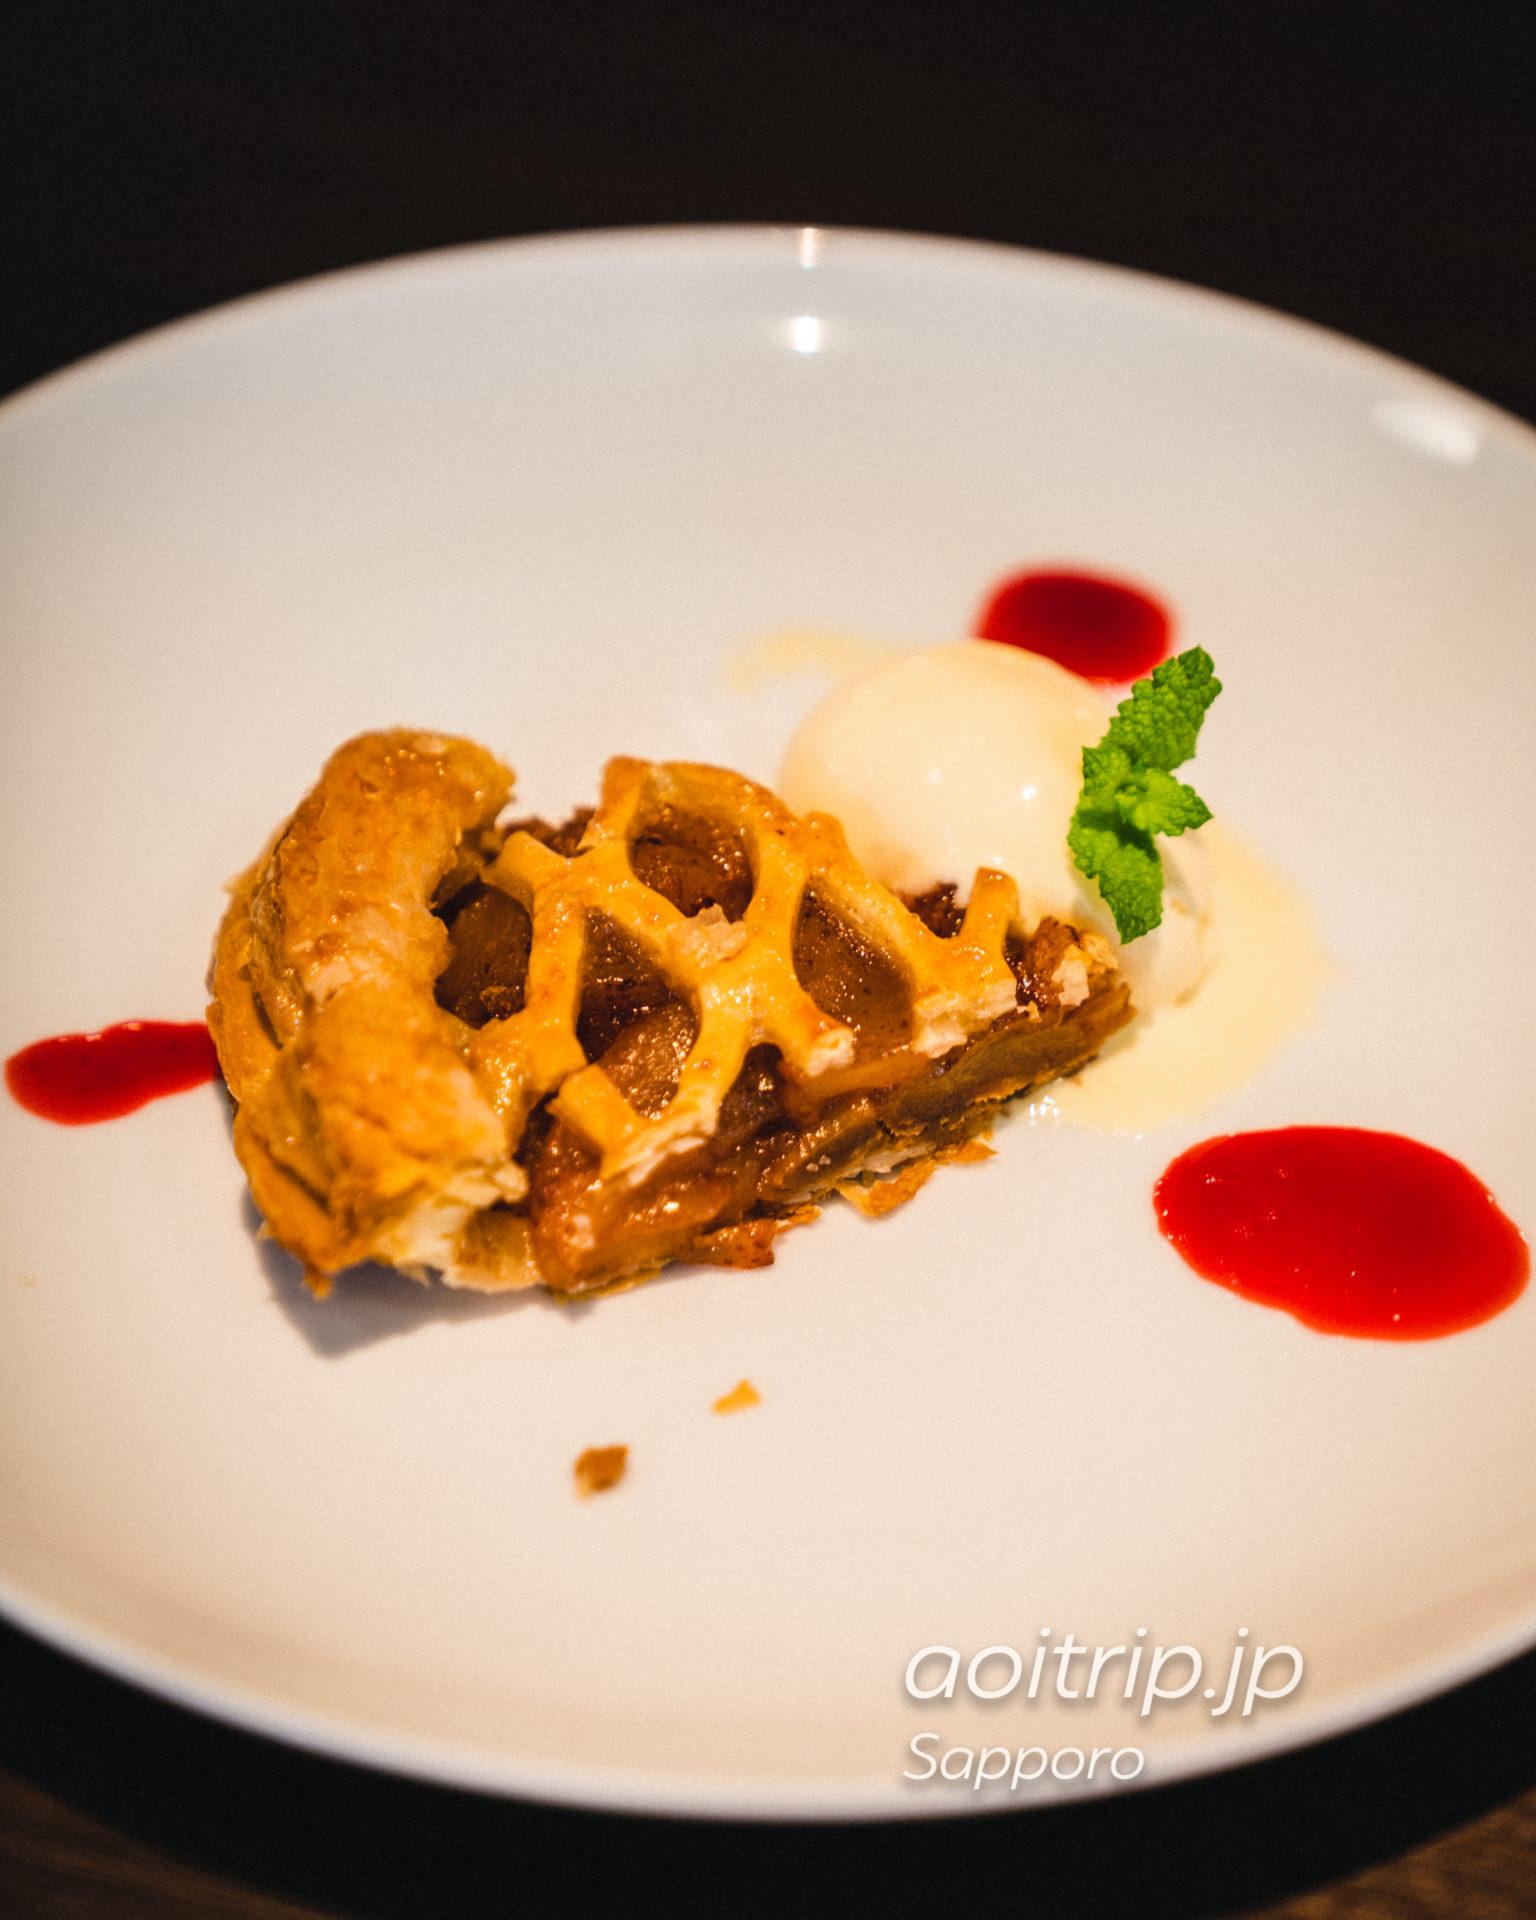 札幌グランドホテルのノーザンテラスライナー あたたかいホテル伝統のアップルパイ バニラアイスクリーム添え